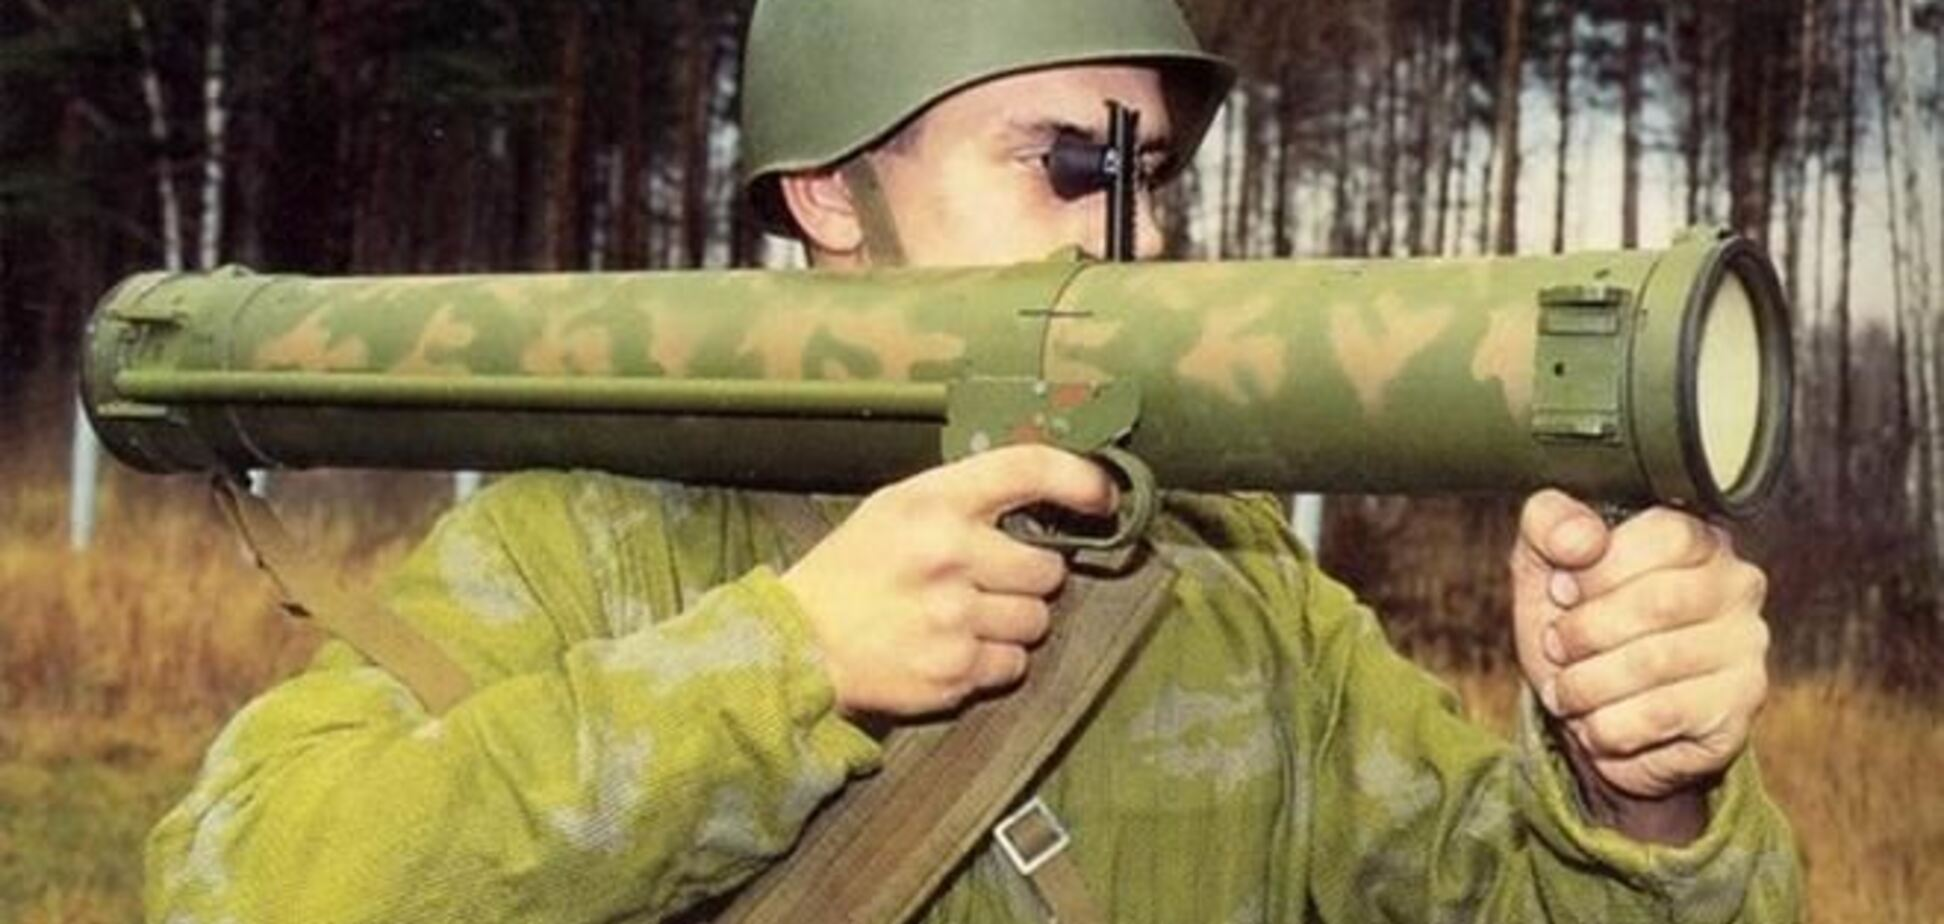 МВД предлагает вооружить милиционеров огнеметами - СМИ